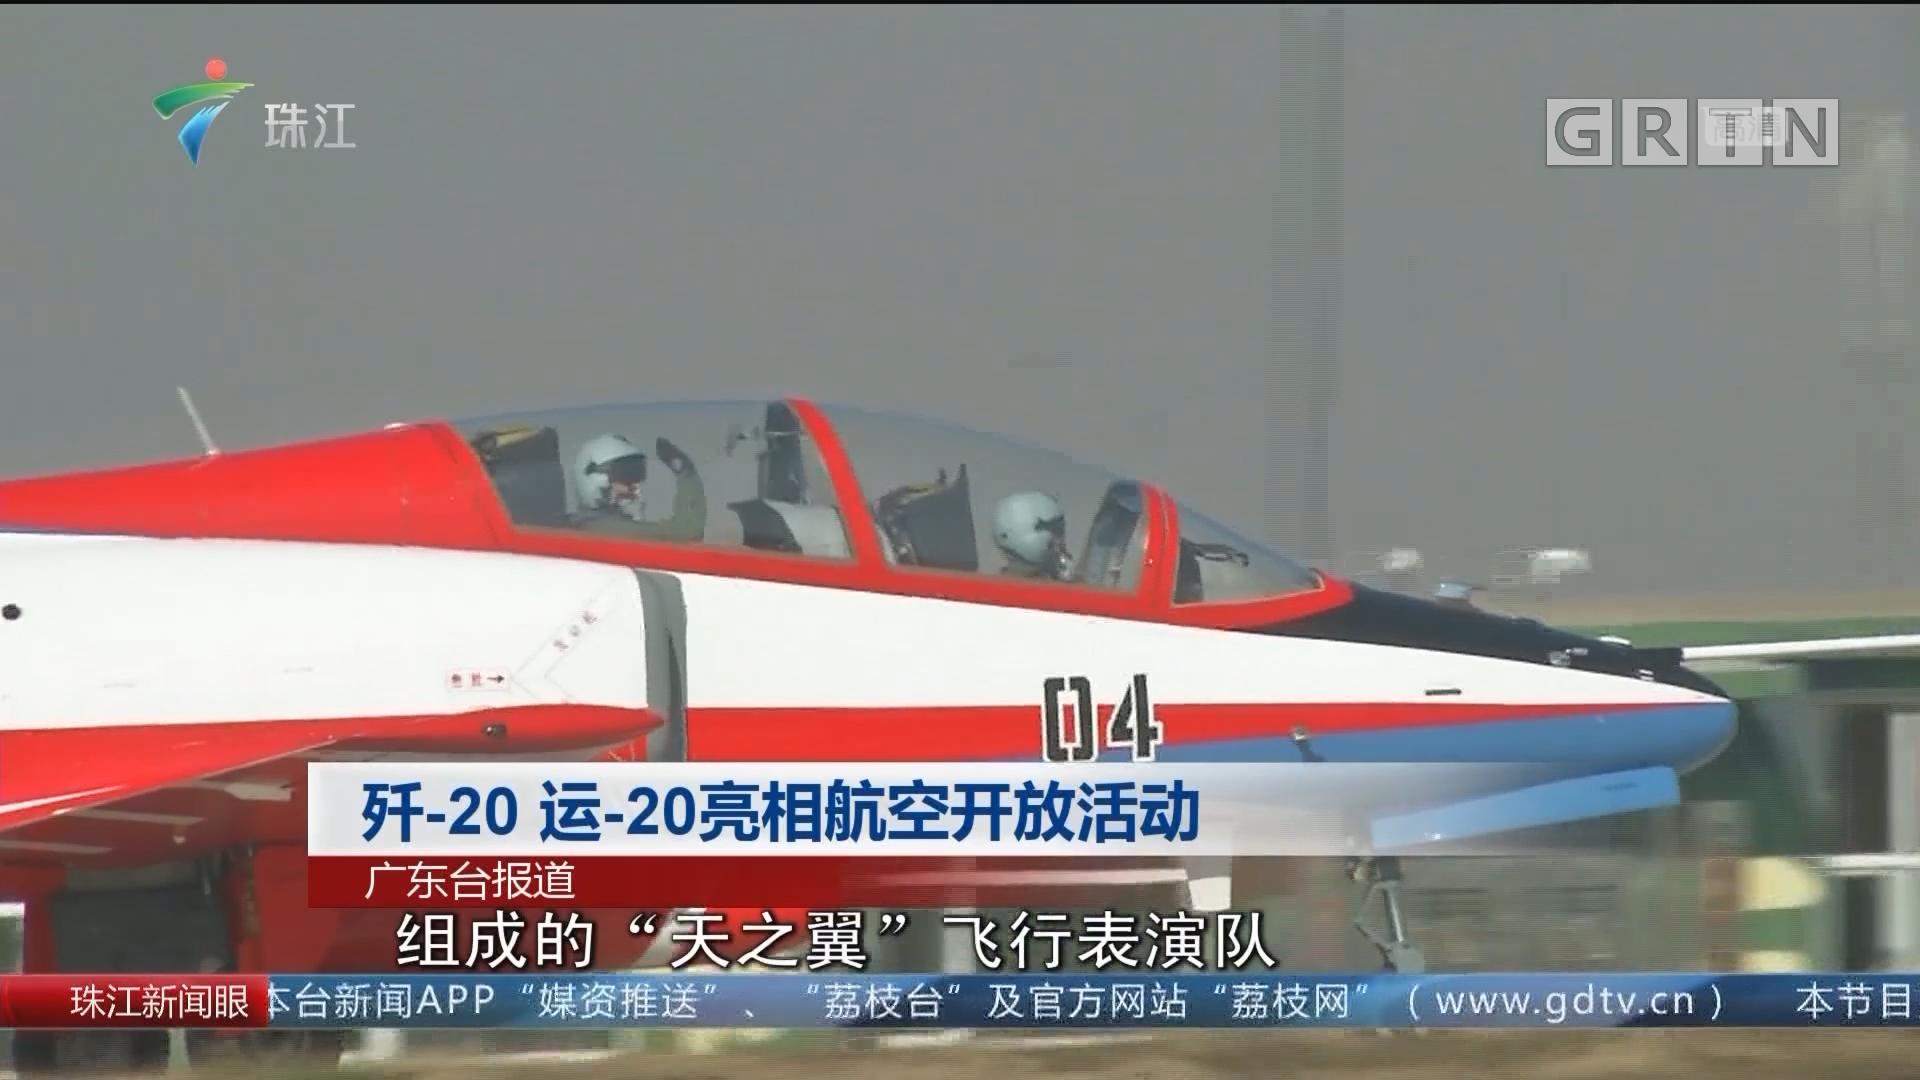 歼-20 运-20亮相航空开放活动